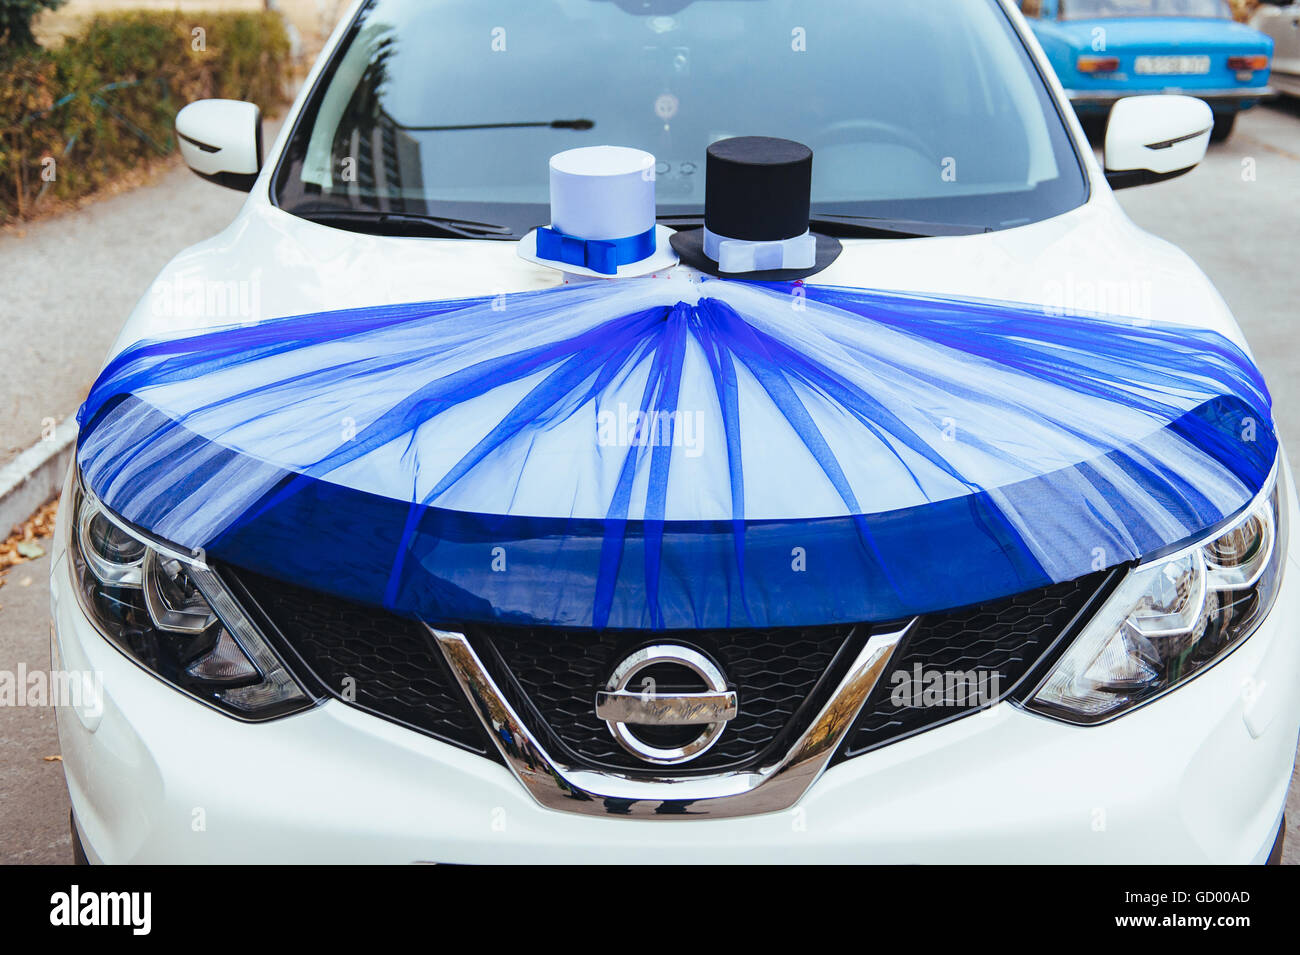 Ein Schwarzes Hochzeitsauto Mit Rosen Dekoriert Luxus Hochzeit Auto